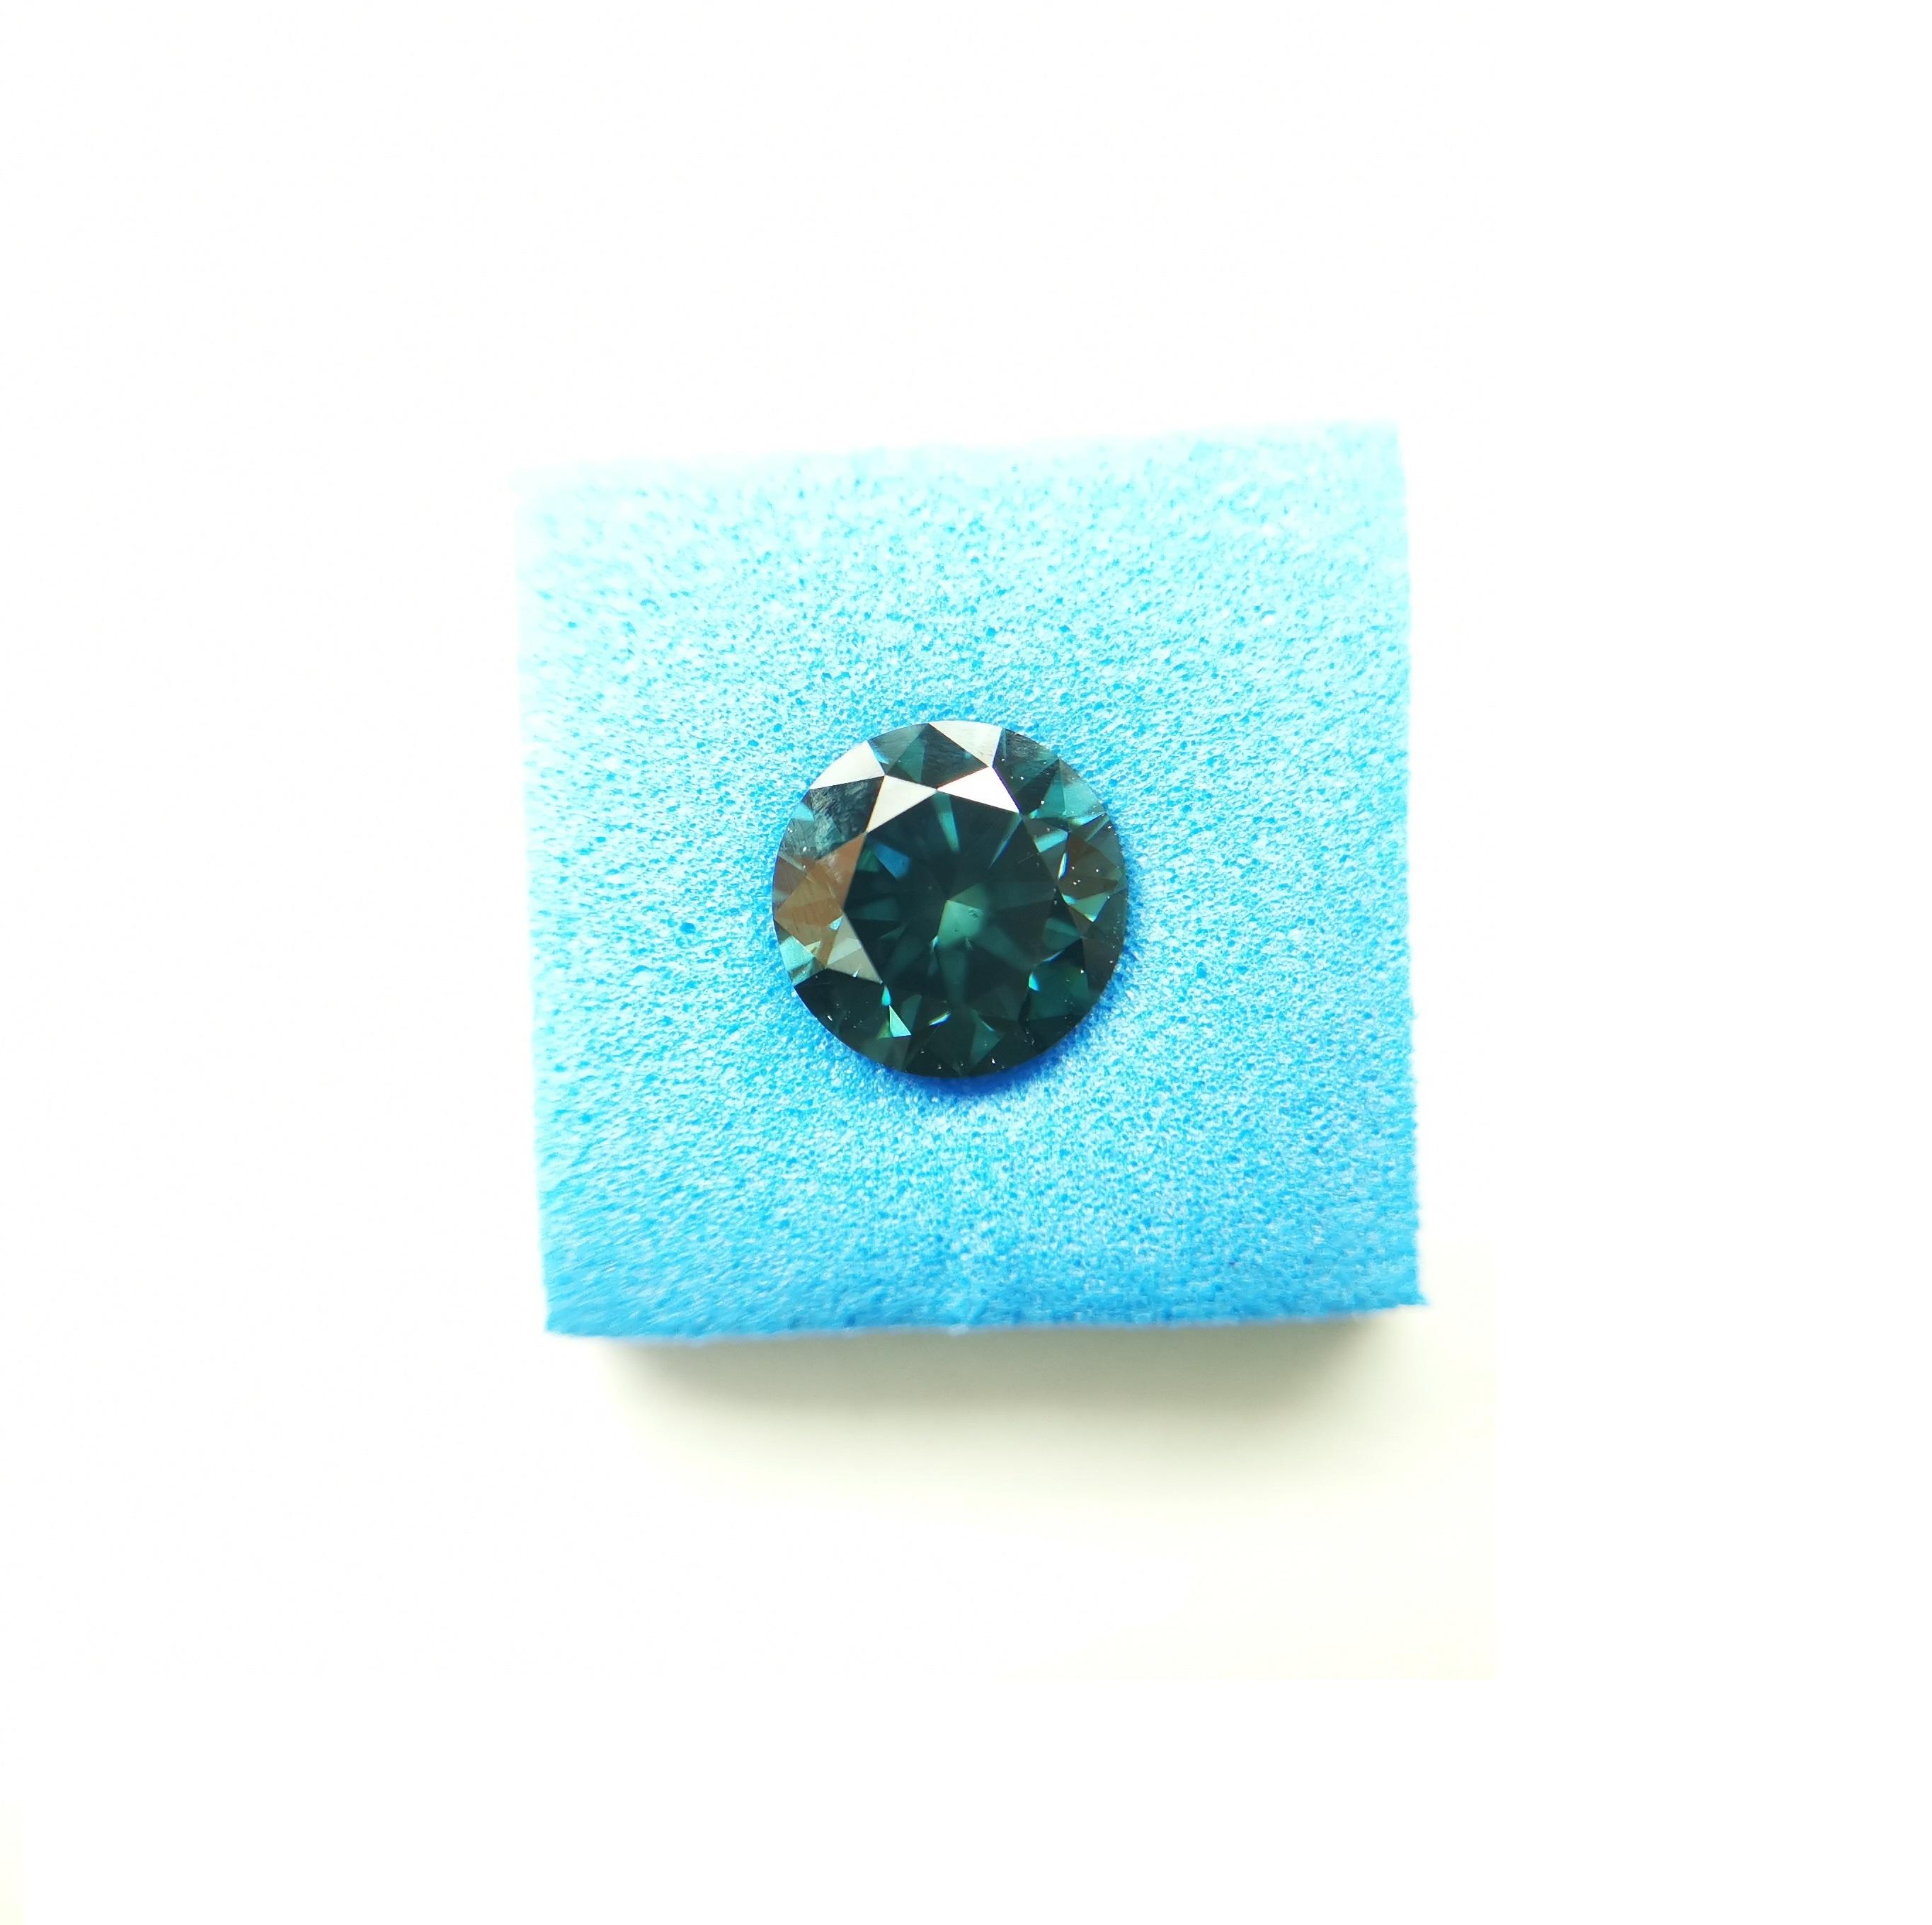 Cvd Diamond 1.55ct  VS Blue Round Brilliant Cut  ,Non cert